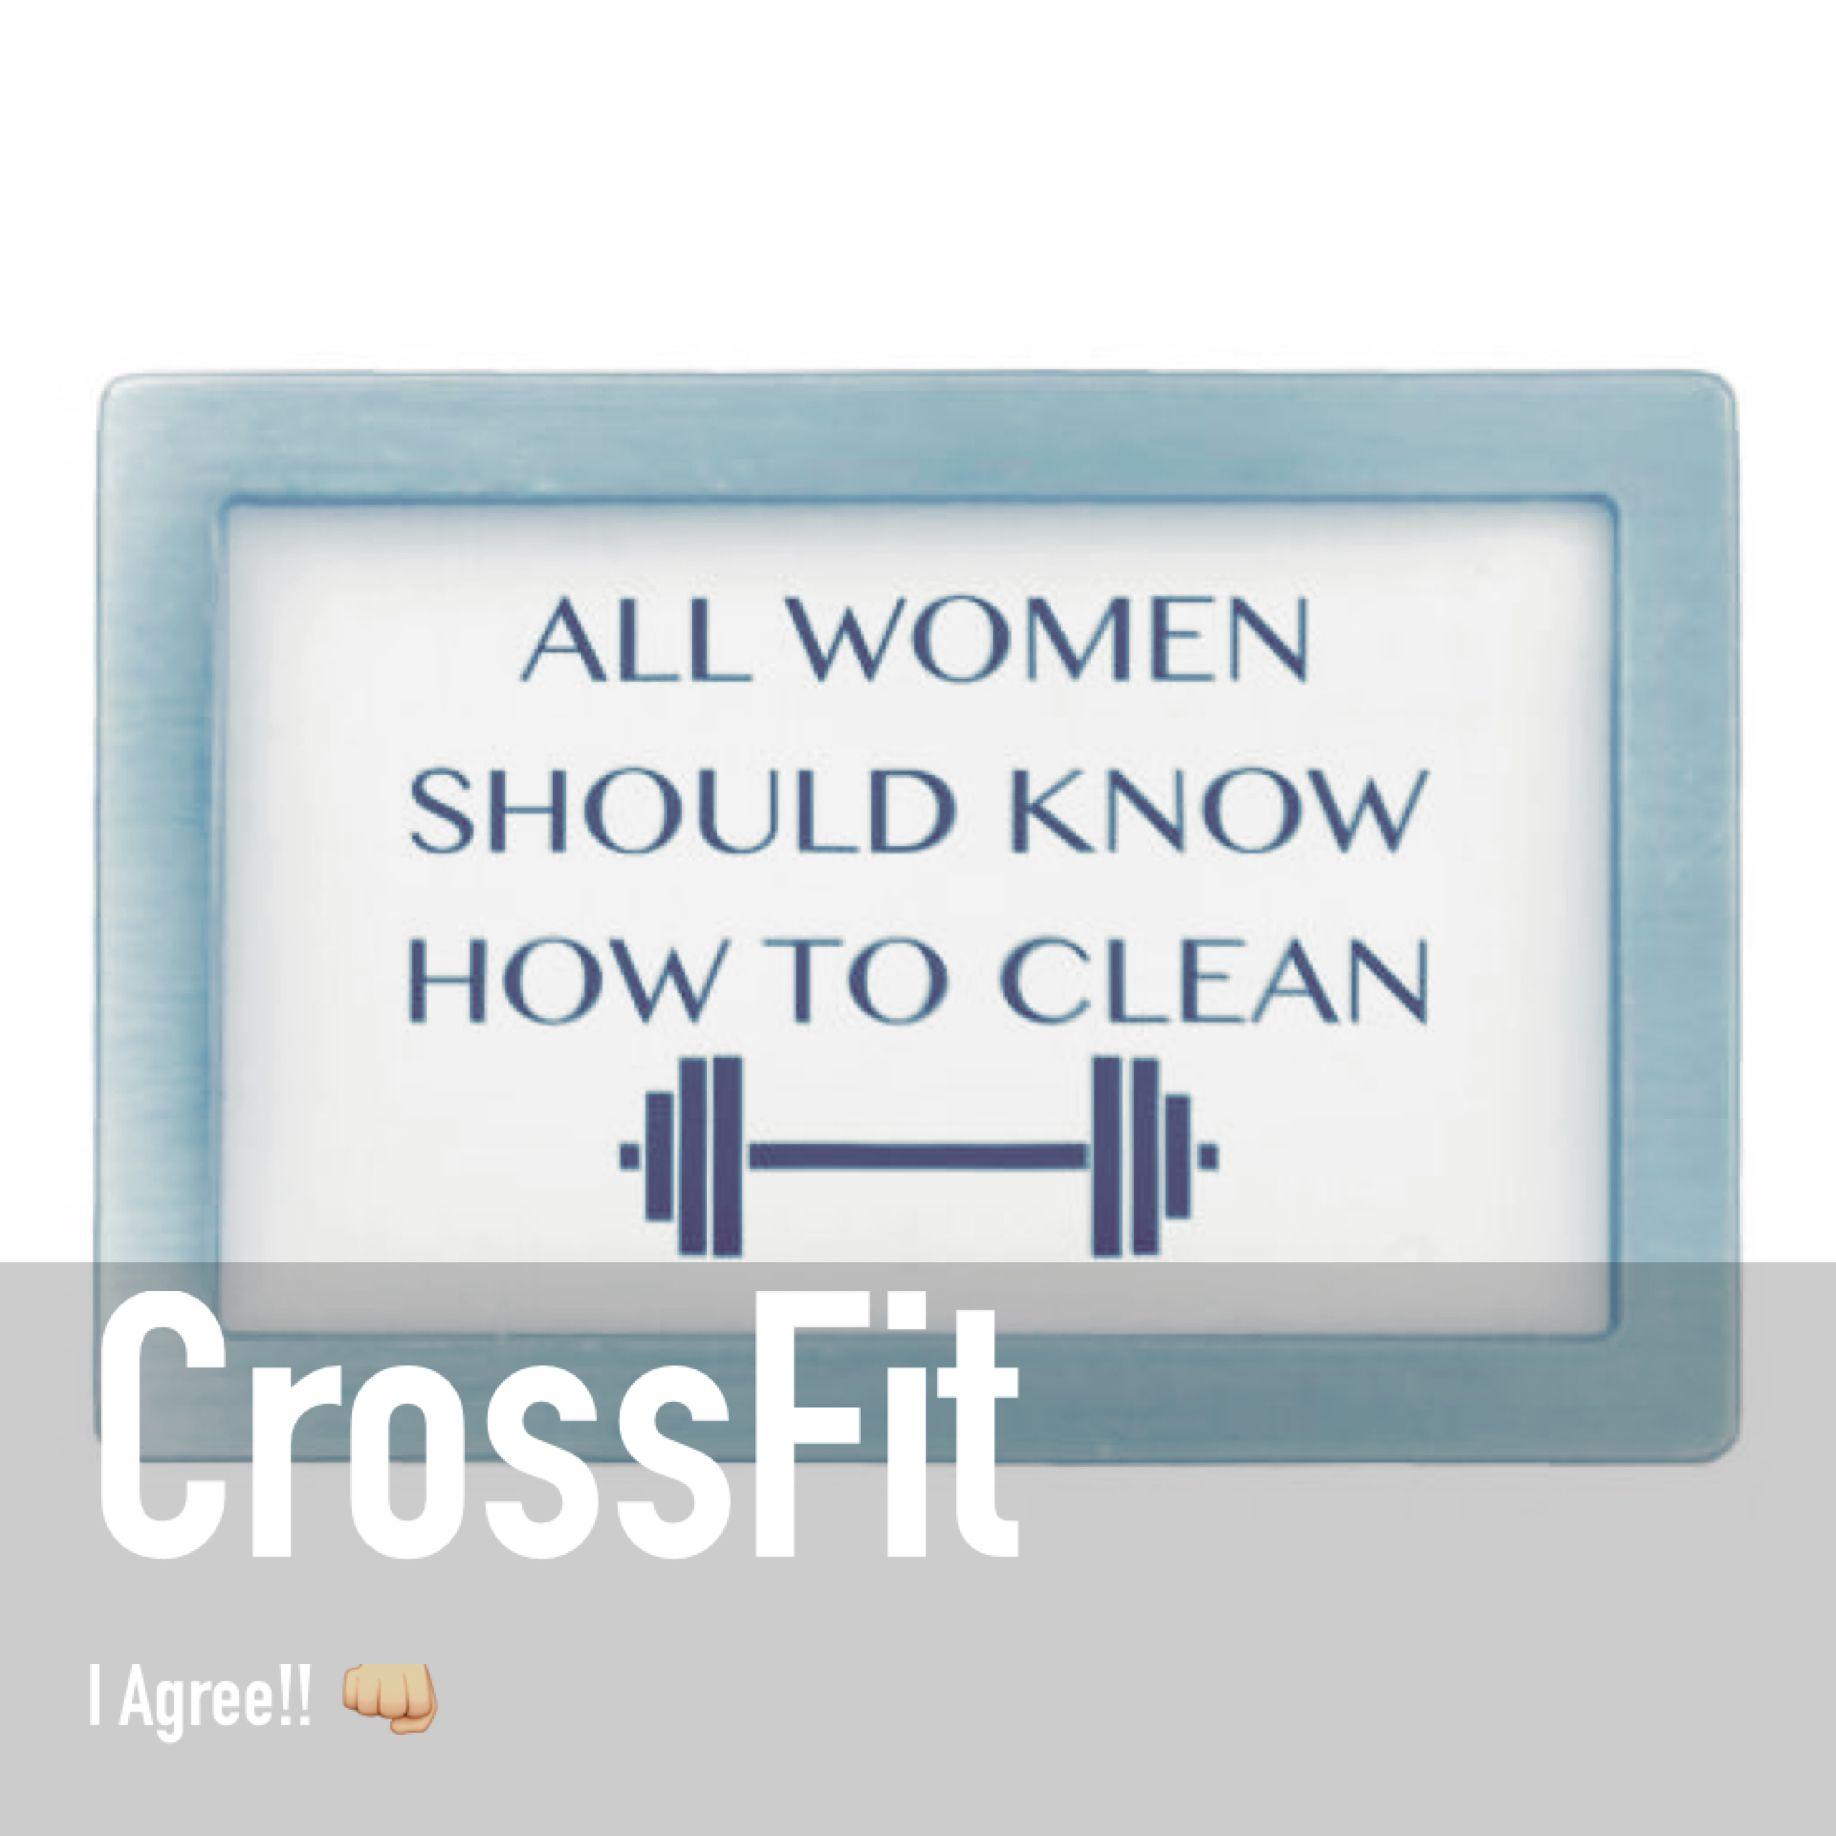 #crossfit #fitsnap  June 3 😀